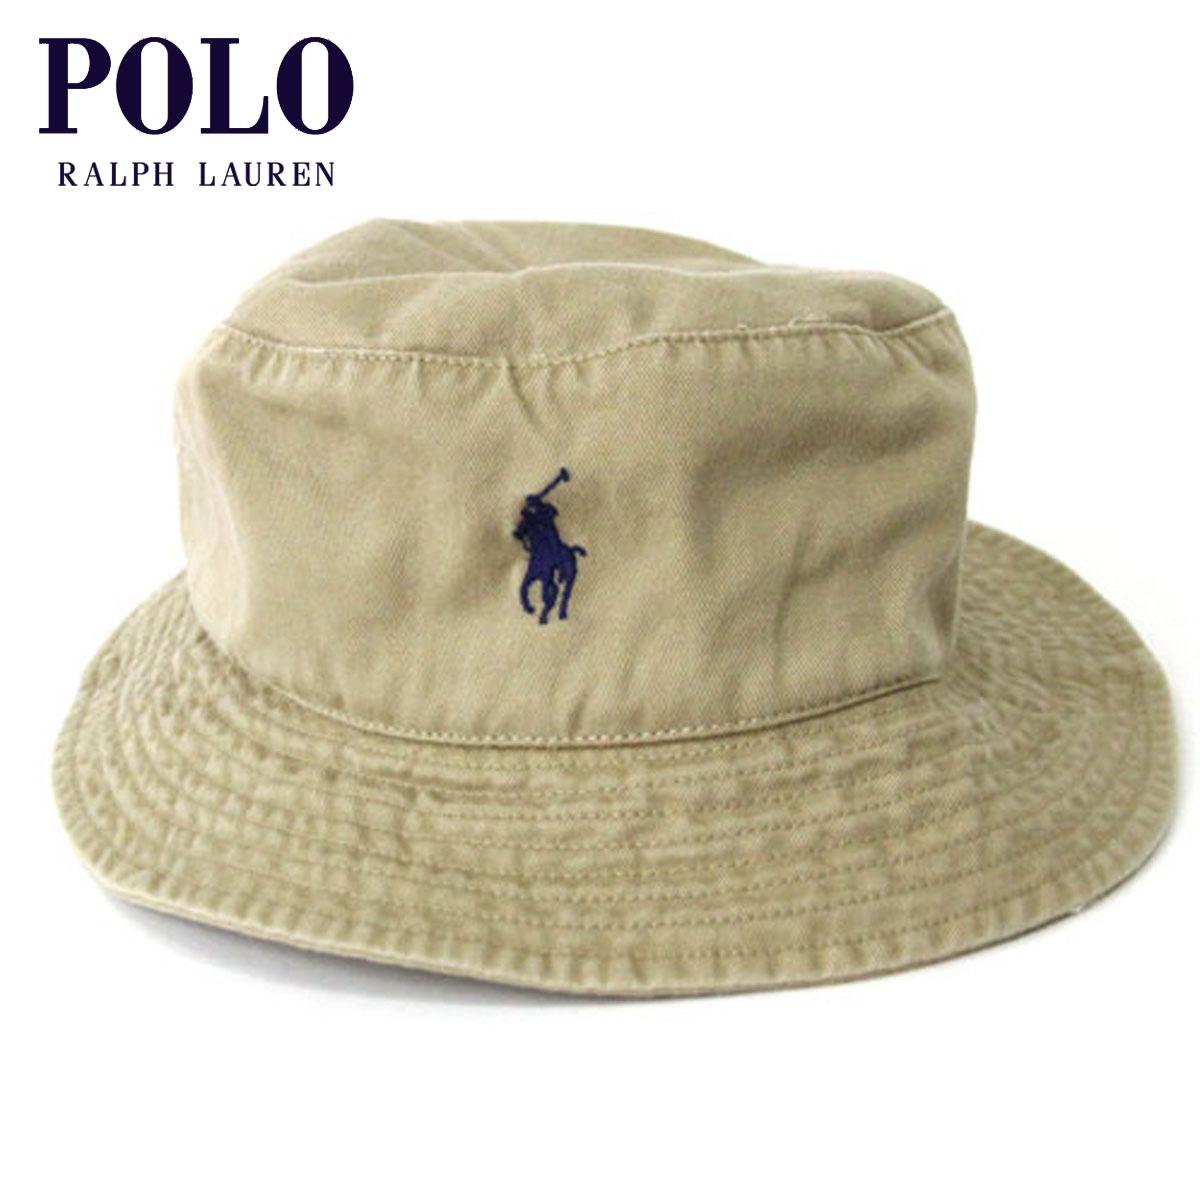 ポロ ラルフローレン POLO RALPH LAUREN 正規品 メンズ 帽子 ハット Pony Hat D00S15